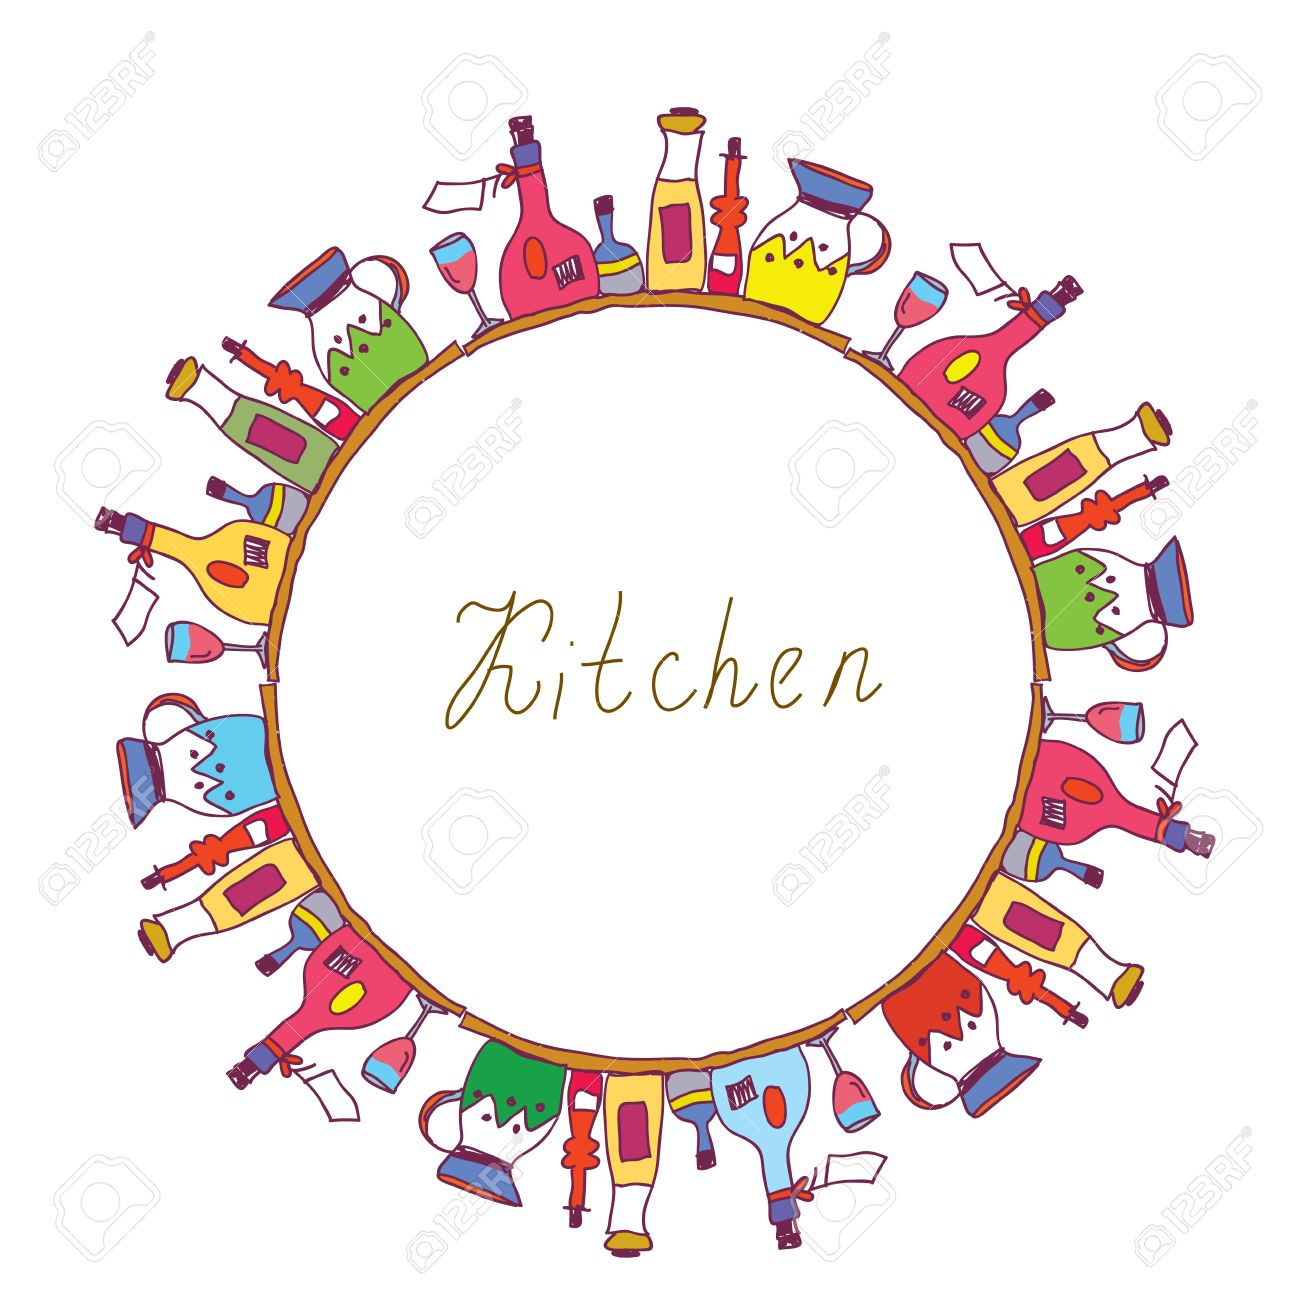 Küche Rahmen Mit Töpfen, Flaschen,, Kochen Instrumente Lizenzfrei ...